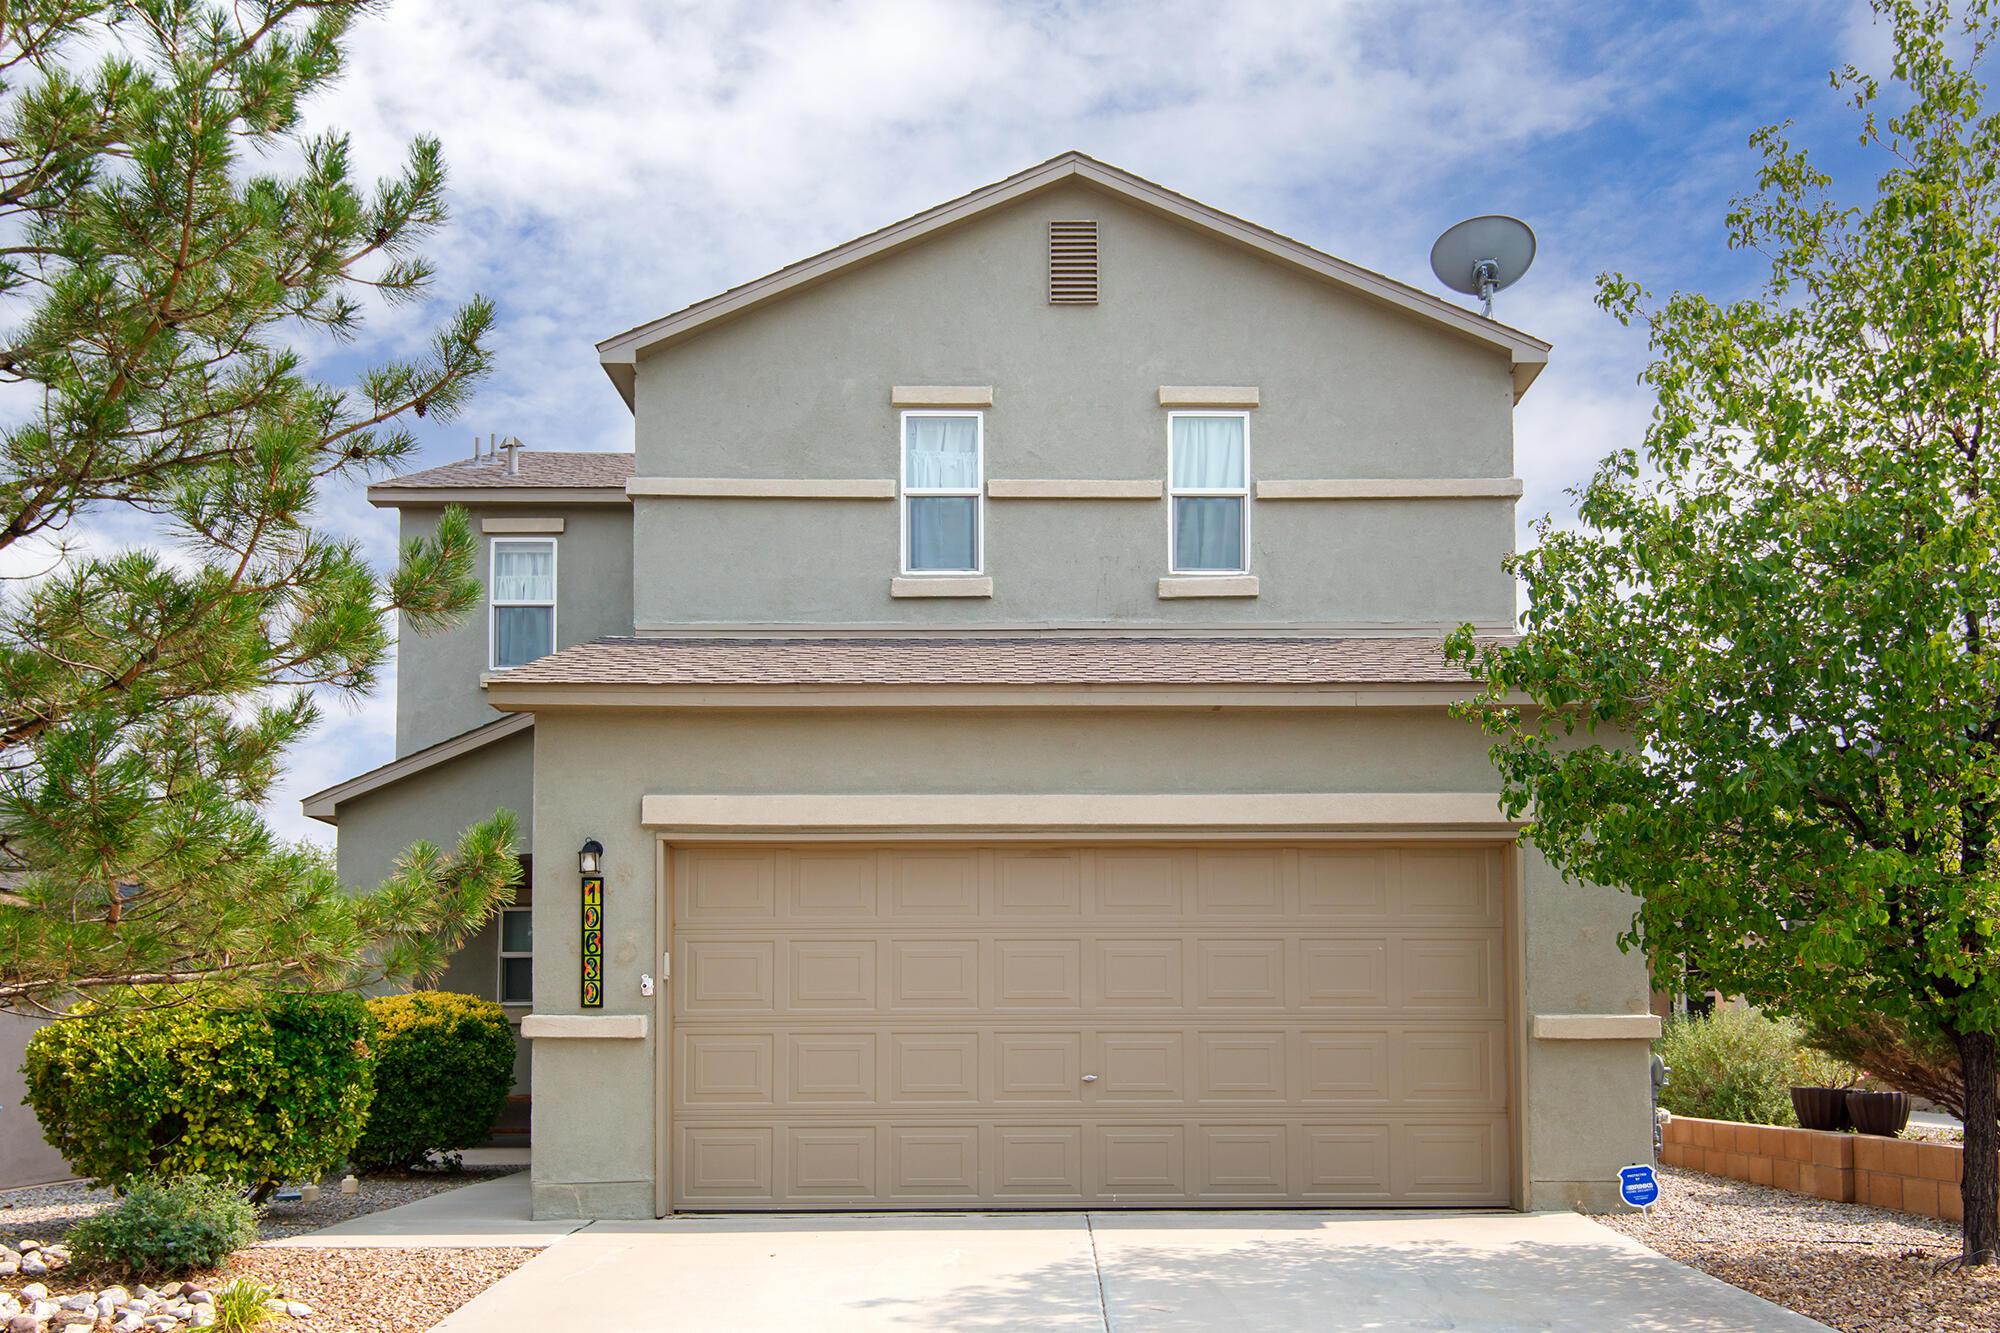 10630 MCMICHAEL Lane, Albuquerque NM 87121